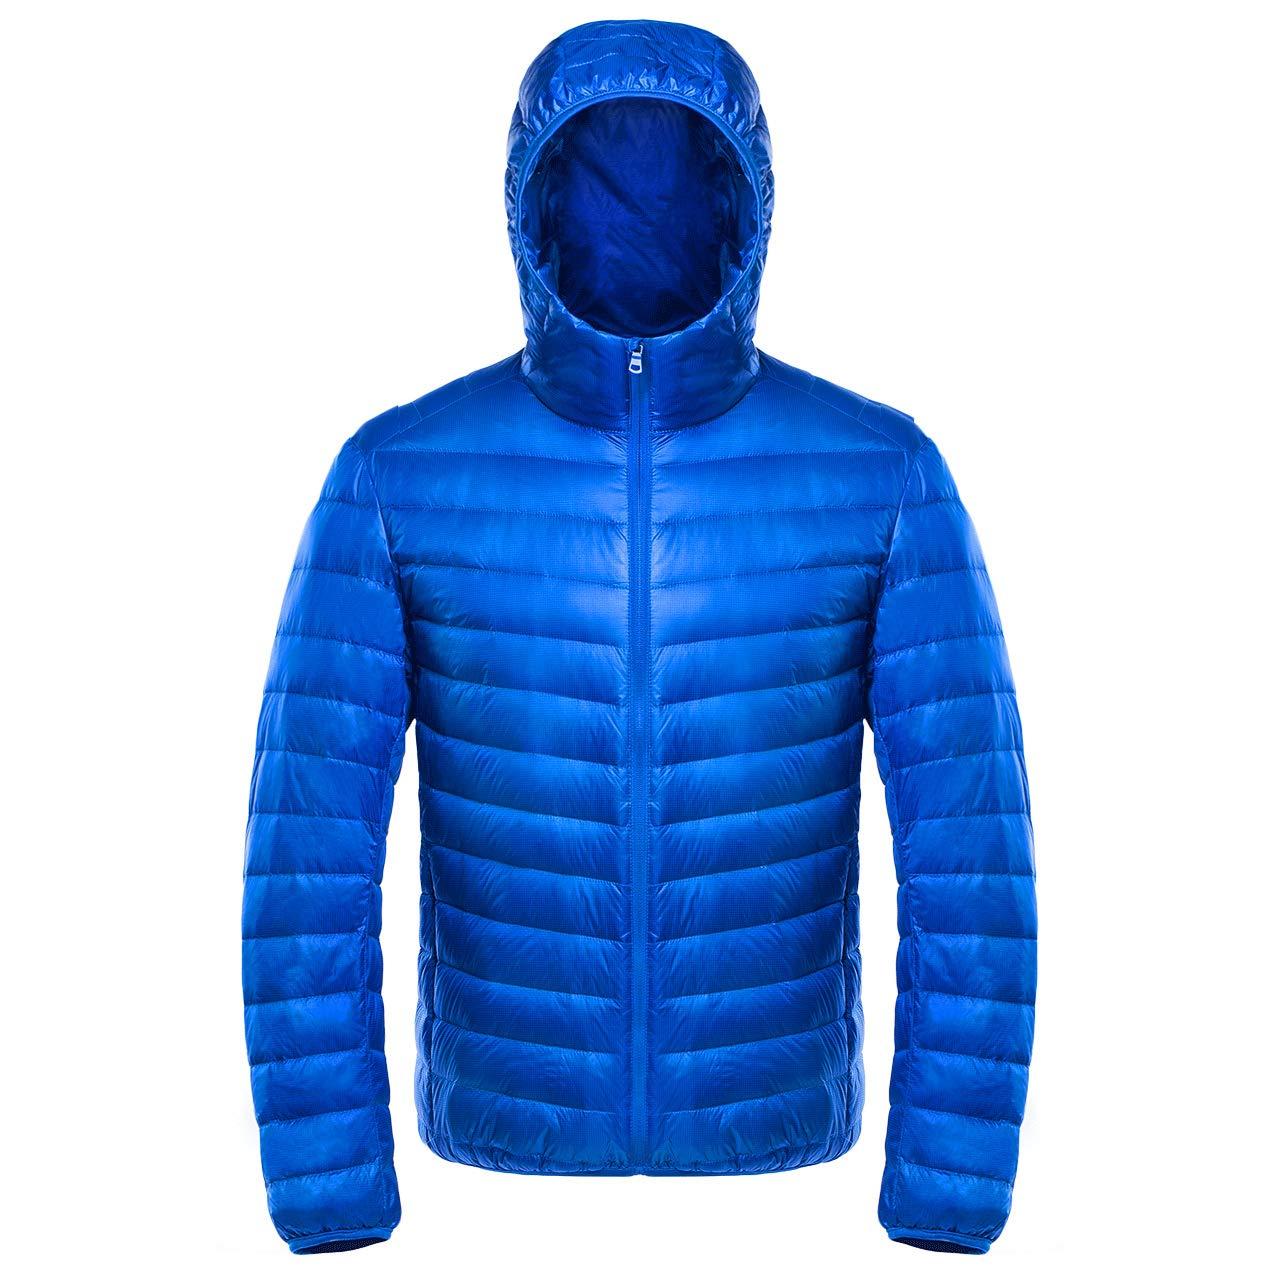 bleu XXL Court Ultra Léger Vestes Décontractées Décontractée Chaud Manteau avec Capuche VêteHommests D'extérieur pour Hommes